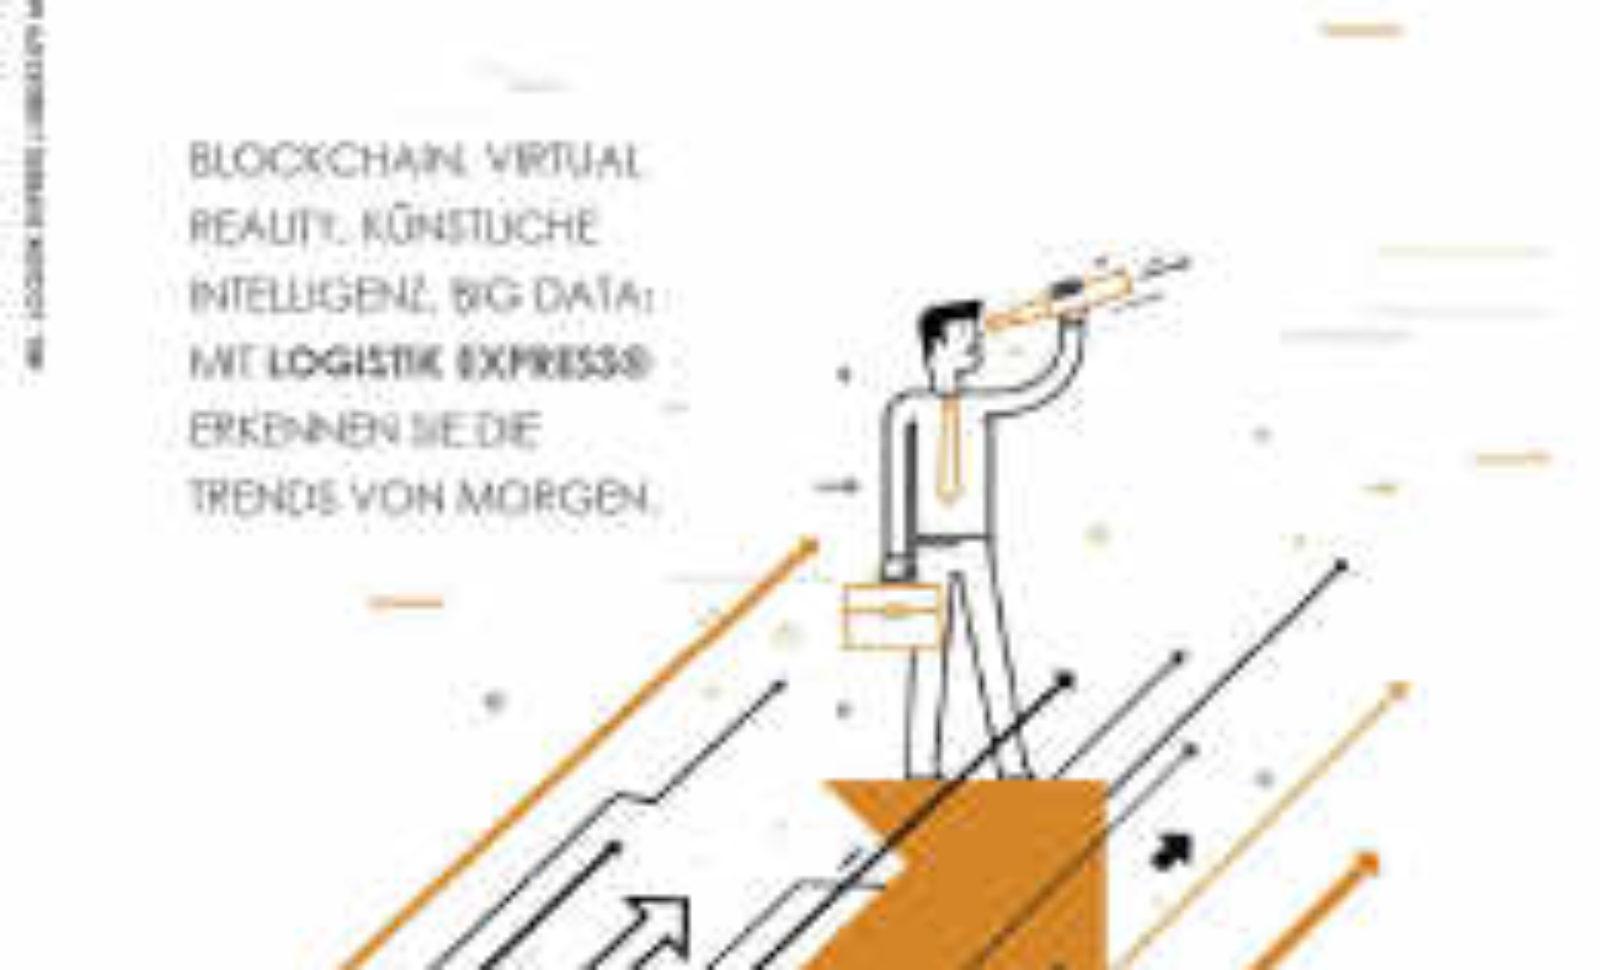 LOGISTIK express Fachjournal 1-2018